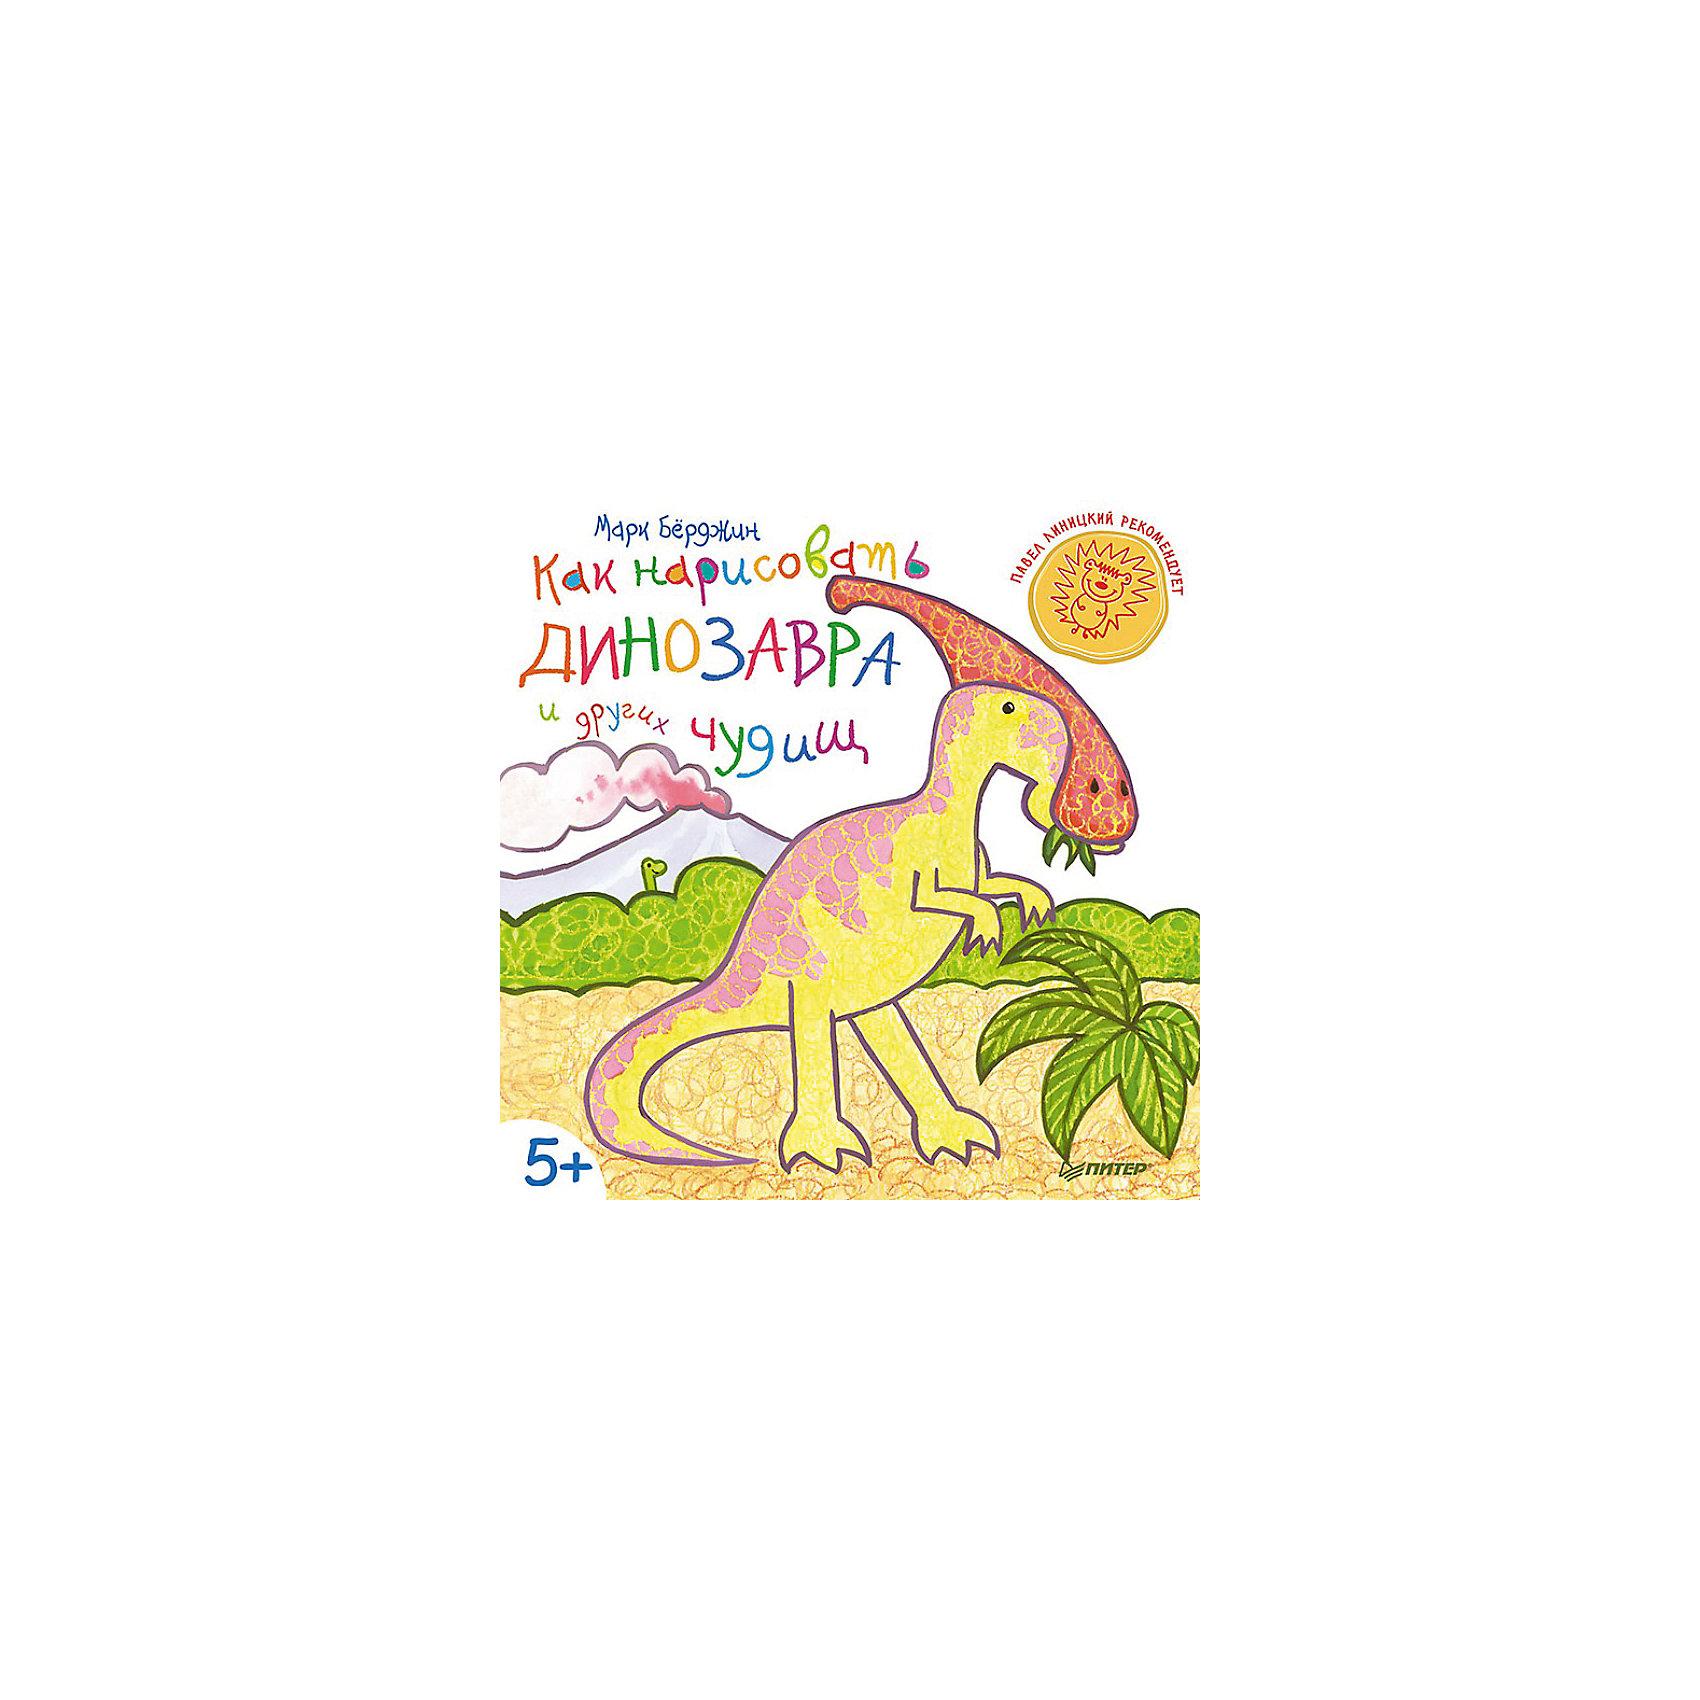 Как нарисовать динозавра и других чудищРисование<br>Творчество – очень важная часть жизни каждого ребенка. Книга «Как нарисовать динозавра и других чудищ» научит рисовать всевозможные виды динозавров даже ребенка, который не умеет или не любит рисовать. Сборник содержит пошаговые инструкции создания динозавров, которые дополнены яркими и красочными иллюстрациями. Кроме технического сопровождения рисования книга повествует интересные истории о каждом существе. Сборник откроет в ребенке скрытые творческие способности, разовьет воображение и фантазию. Книга будет интересна детям от пяти лет. <br><br>Дополнительная информация:<br><br>страниц: 48;<br>возраст: 5+;<br>формат:  145 х 215 мм.<br><br>Книгу «Как нарисовать динозавра и других чудищ»  можно купить в нашем магазине.<br><br>Ширина мм: 290<br>Глубина мм: 215<br>Высота мм: 3<br>Вес г: 133<br>Возраст от месяцев: -2147483648<br>Возраст до месяцев: 2147483647<br>Пол: Мужской<br>Возраст: Детский<br>SKU: 4966221